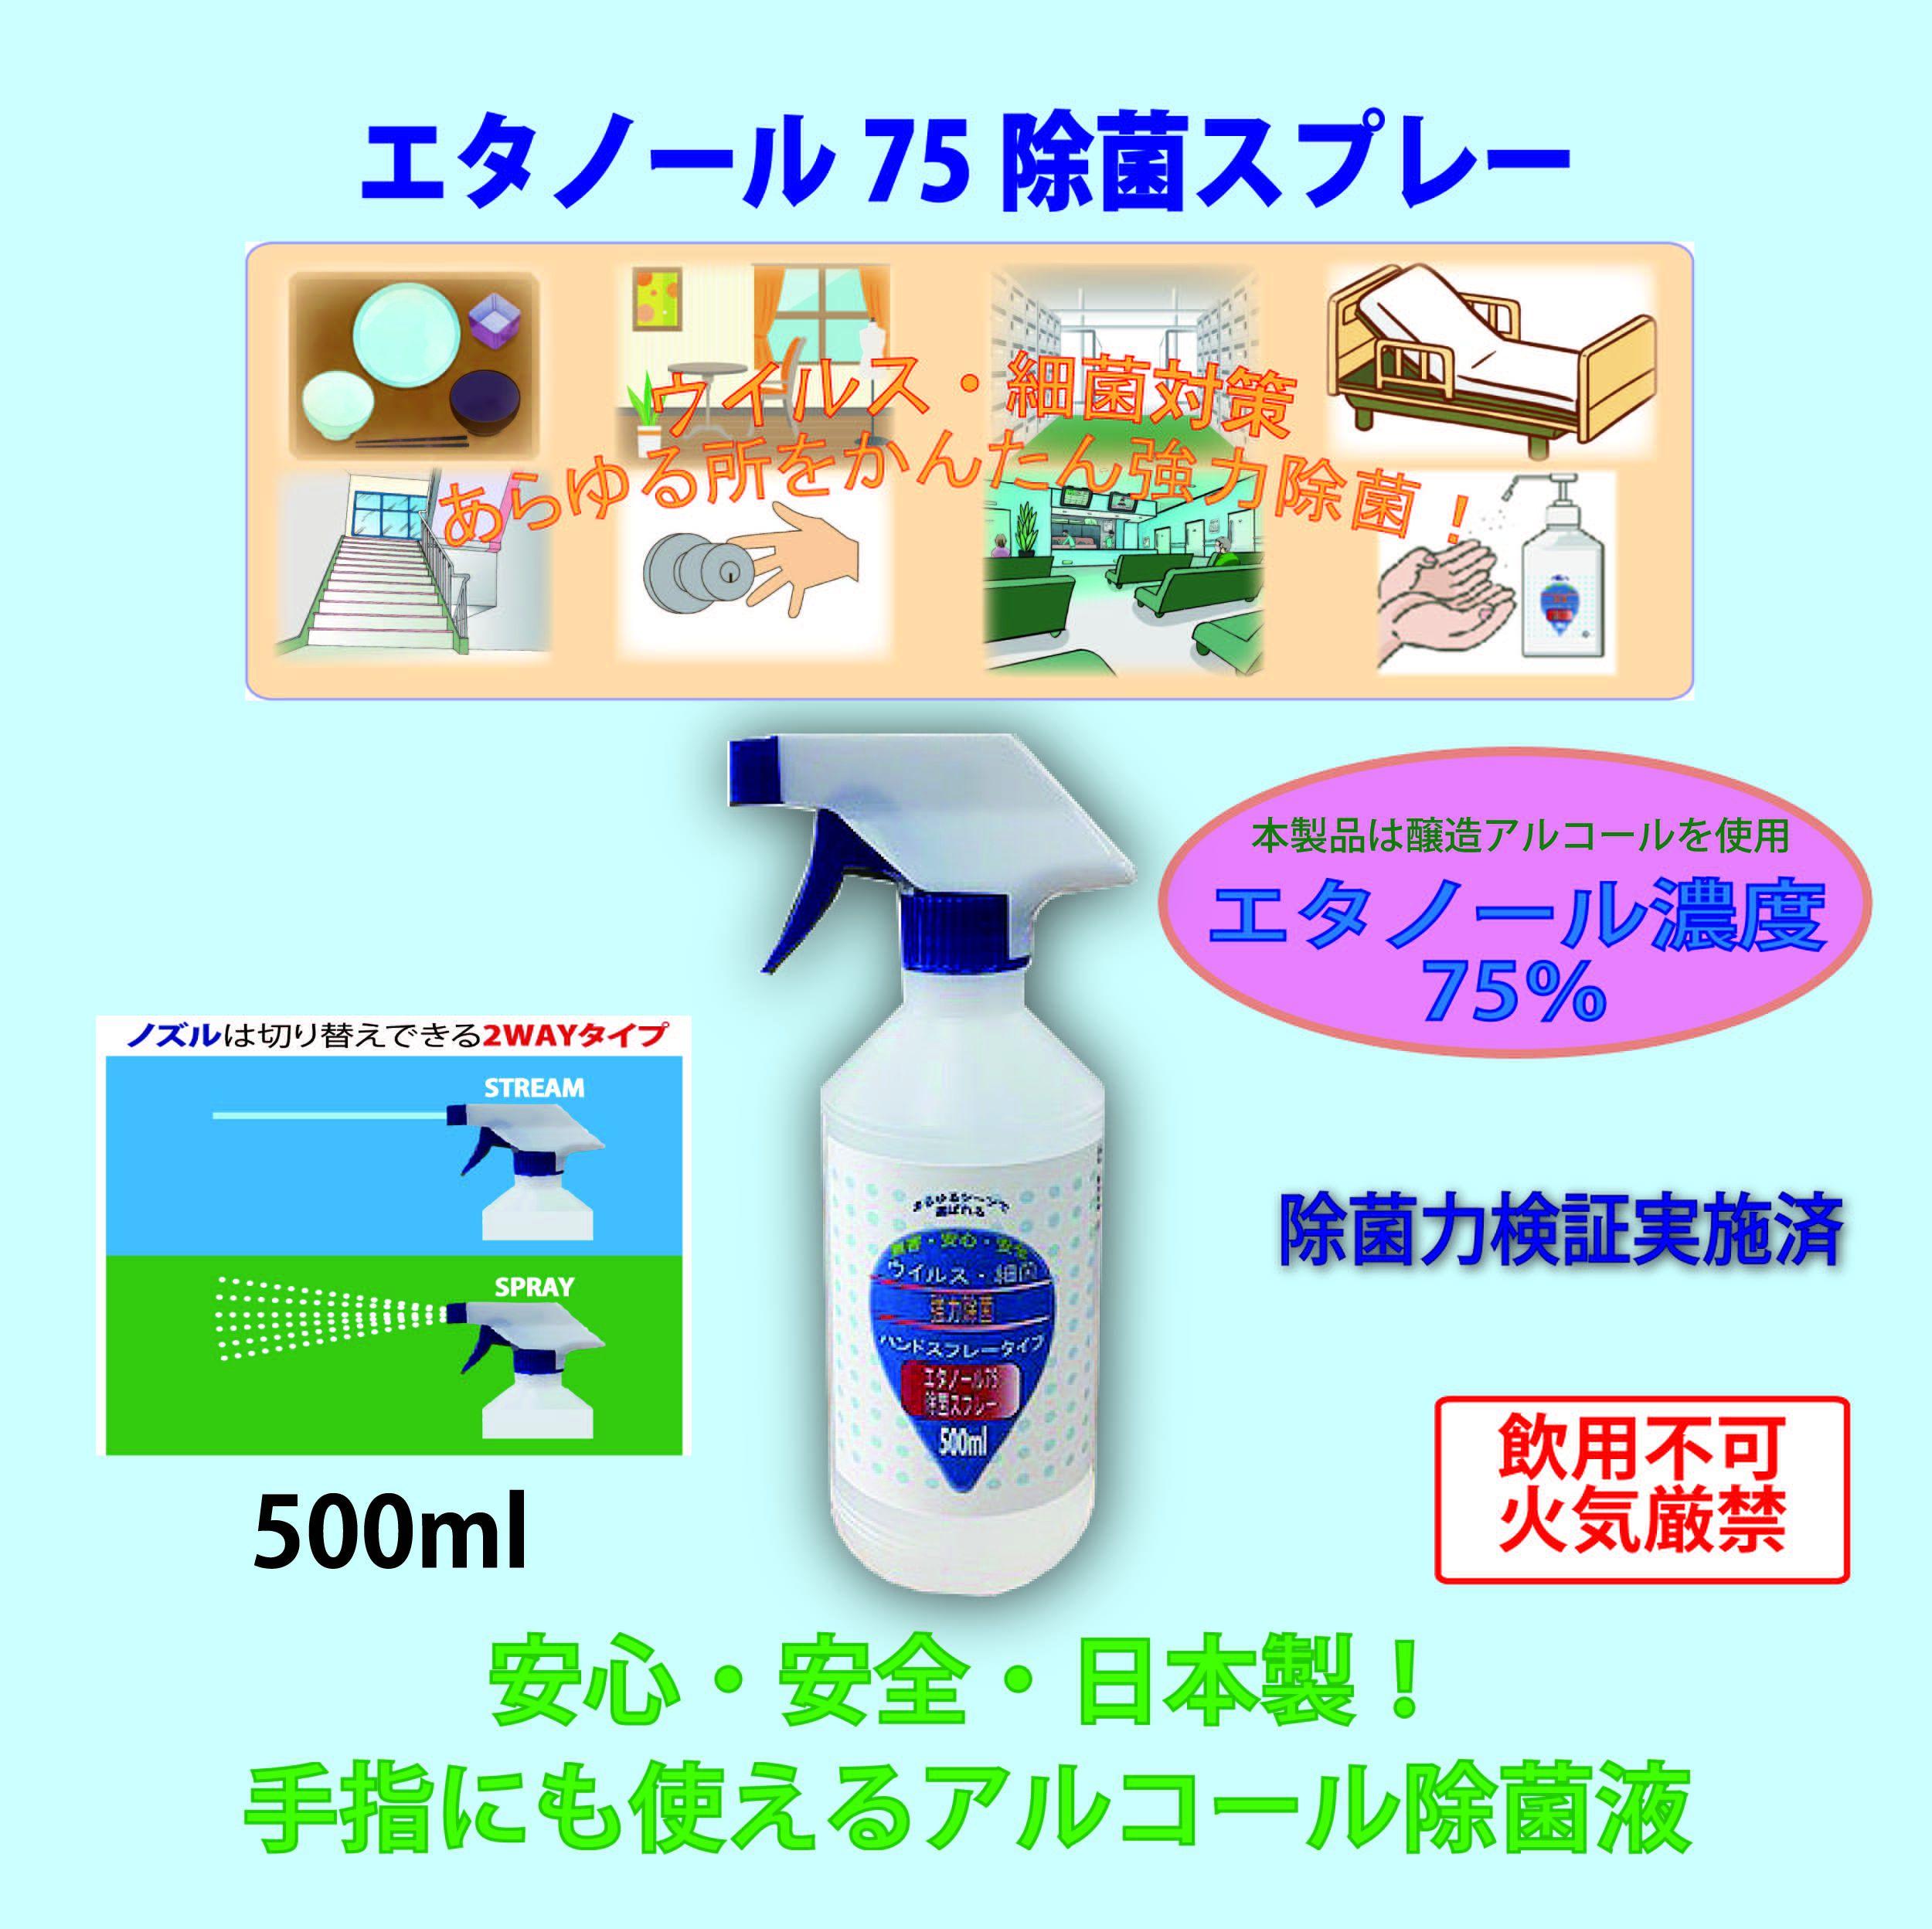 エタノール75除菌スプレー(G) 500ml  2WAYスプレータイプ